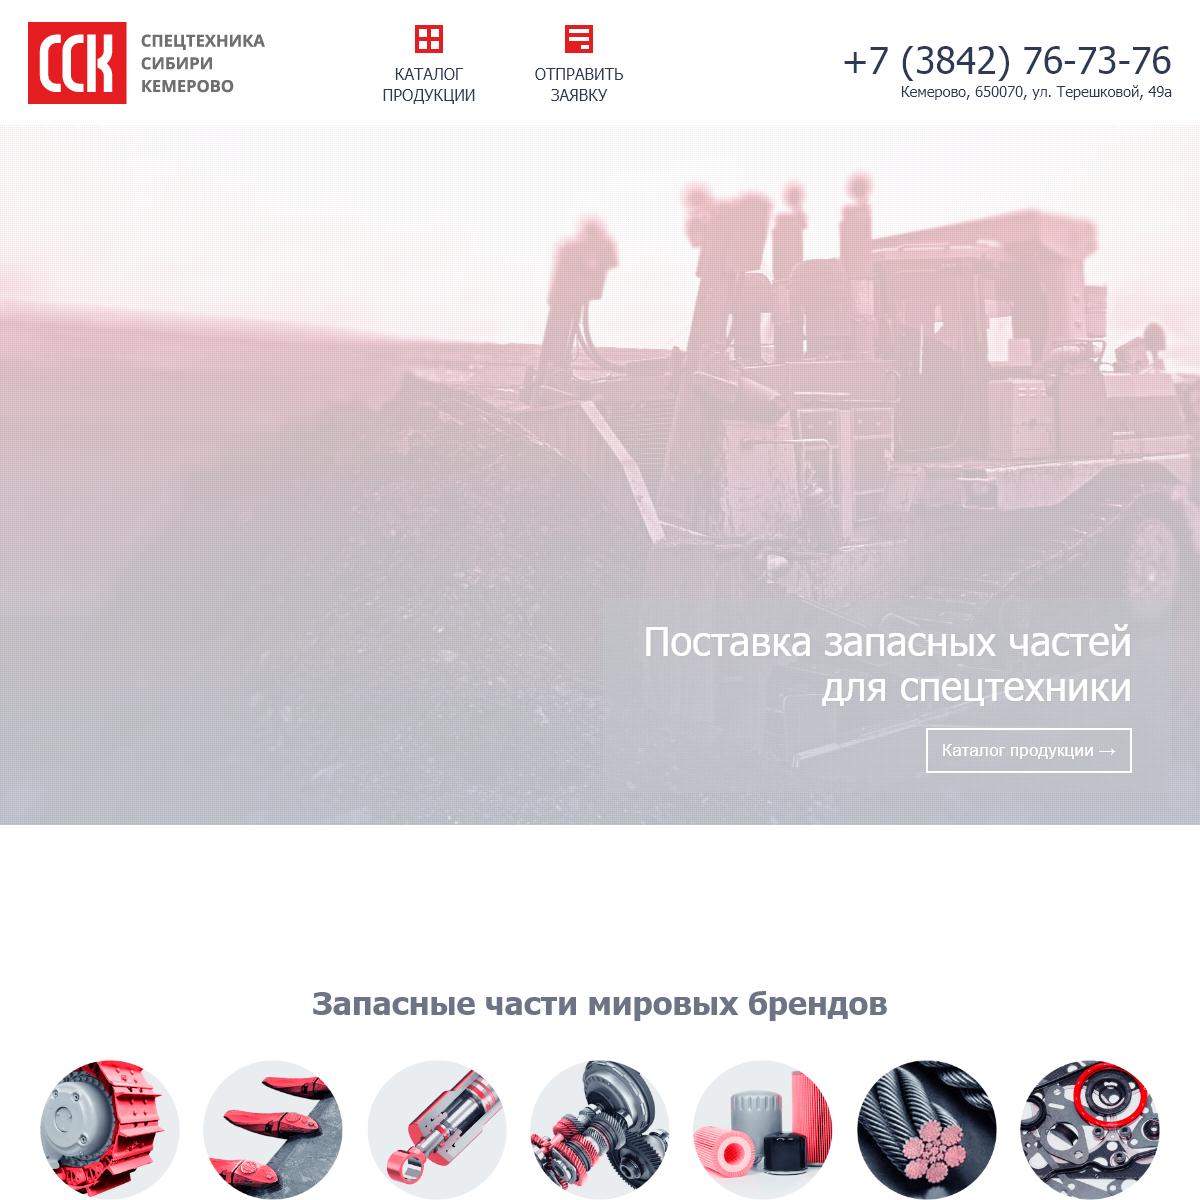 Спецтехника Сибири Кемерово - поставка запасных частей для спецтехни�